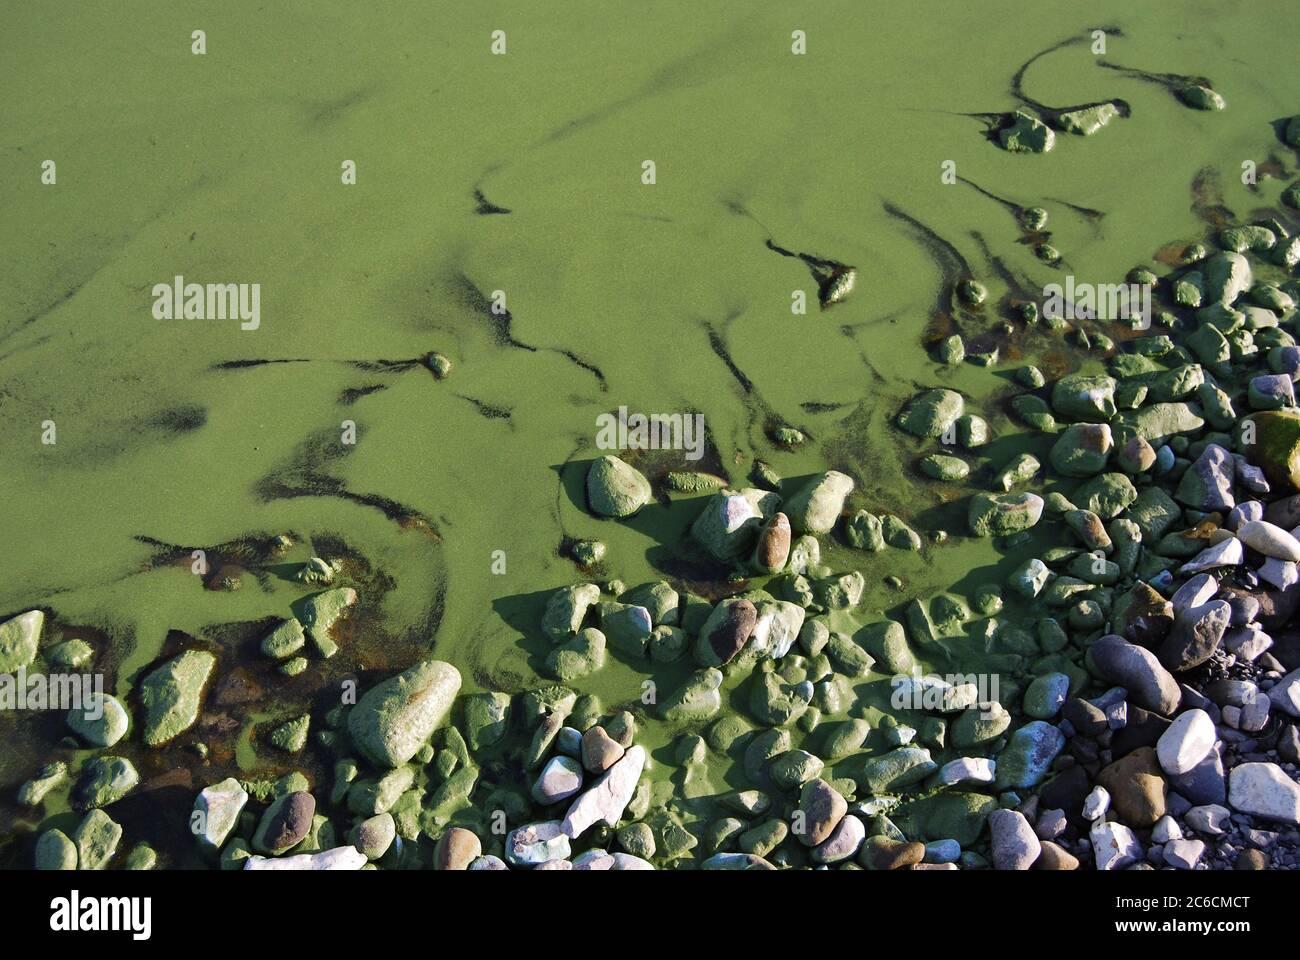 L'algue fleurit dans la rivière Volga dans la région de Volgograd. Russie Banque D'Images